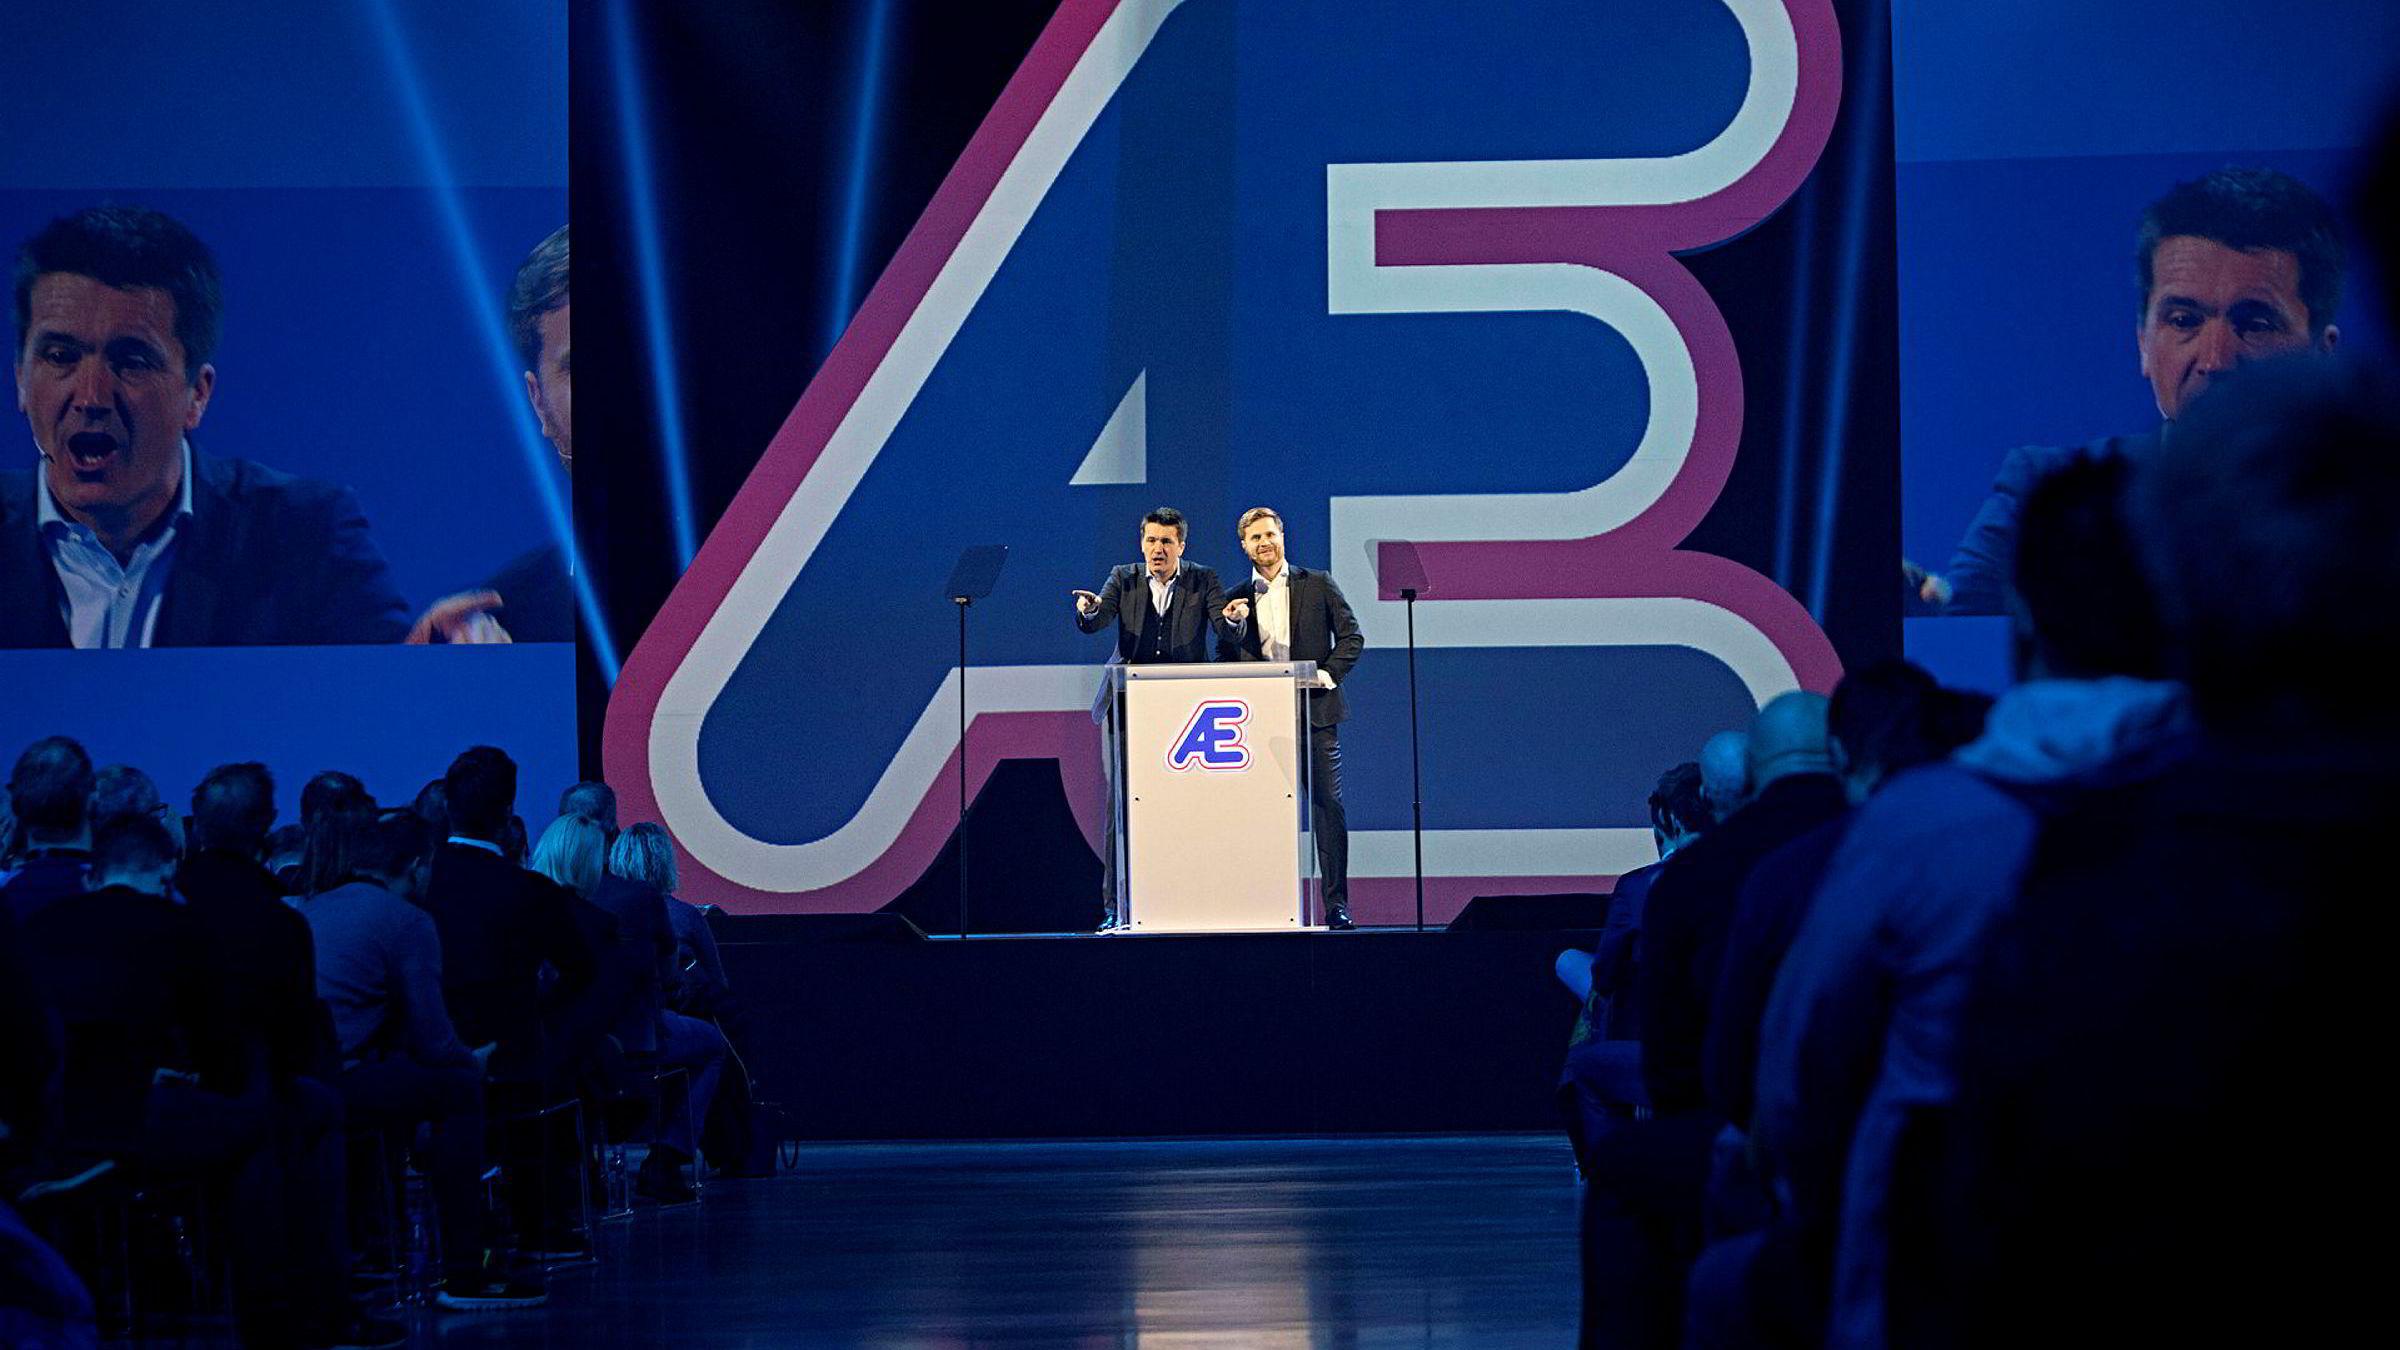 Med lyseffekter og musikk presenterte Rema-direktør Lars Kristian Lindberg (til høyre) og Rema-sjef Ole Robert Reitan Remas nye lavprisstrategi for kjøpmennene på Gardermoen onsdag.